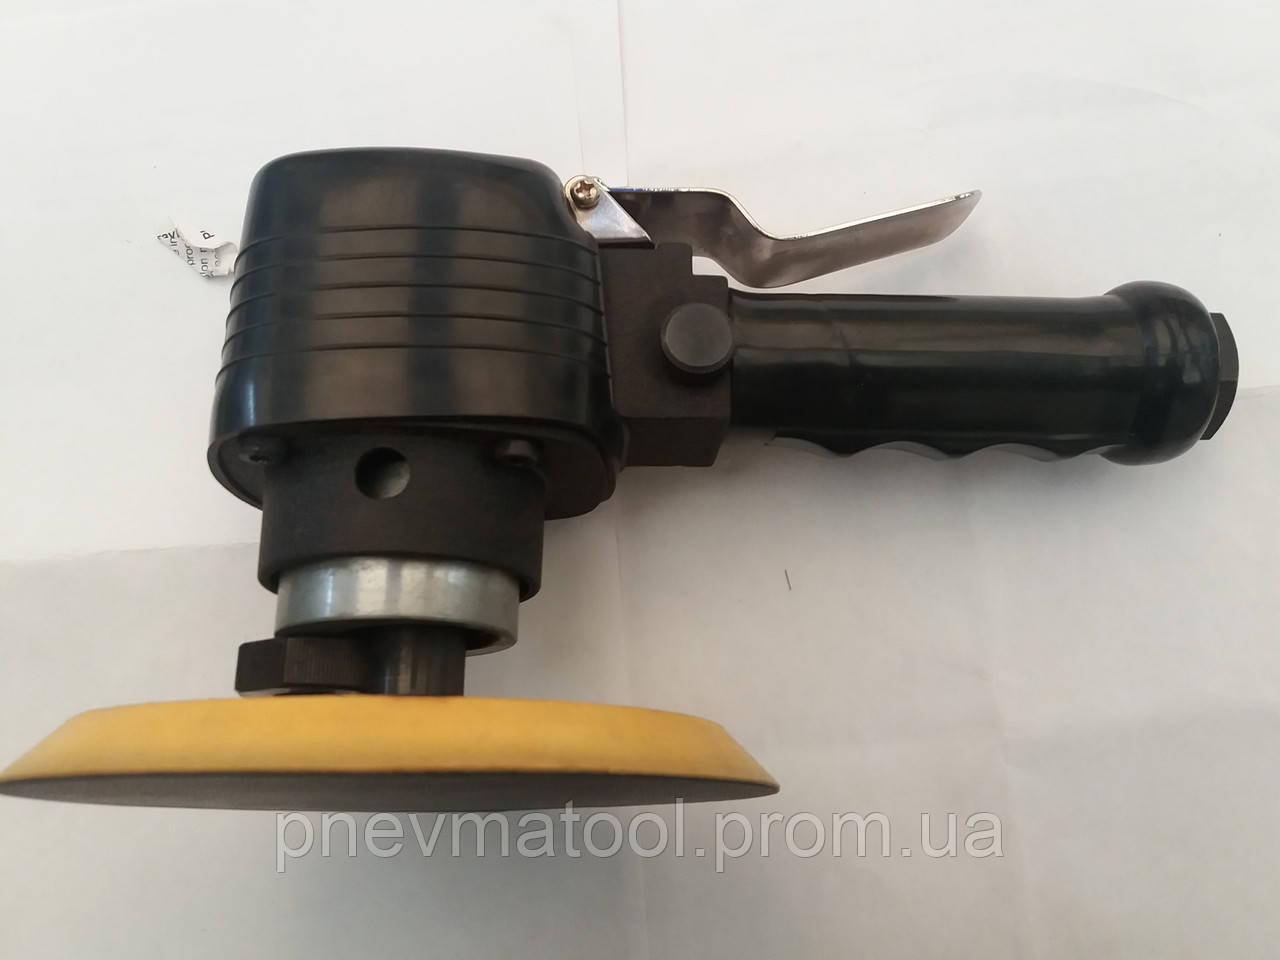 Эксцентриковая Шлифовальная Машинка (диаметр круга:150 мм) - Pnevmatool в Харькове